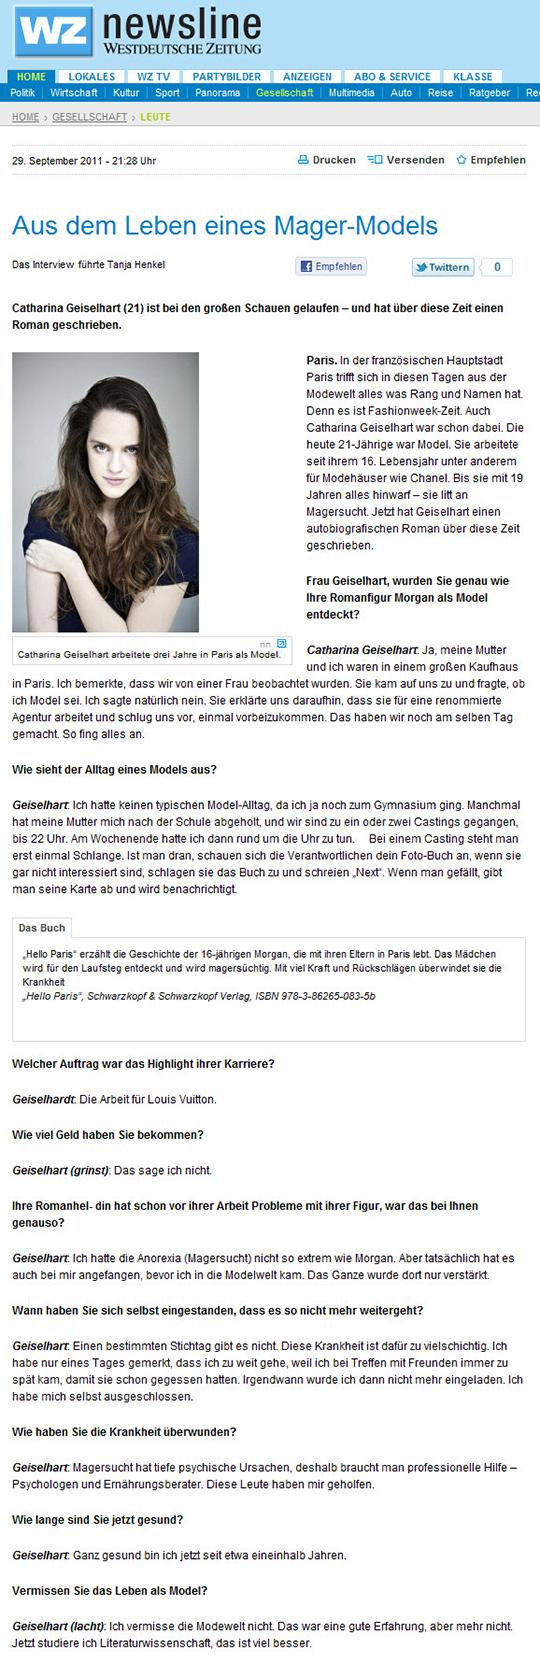 Interview in der Westdeutsche Zeitung online